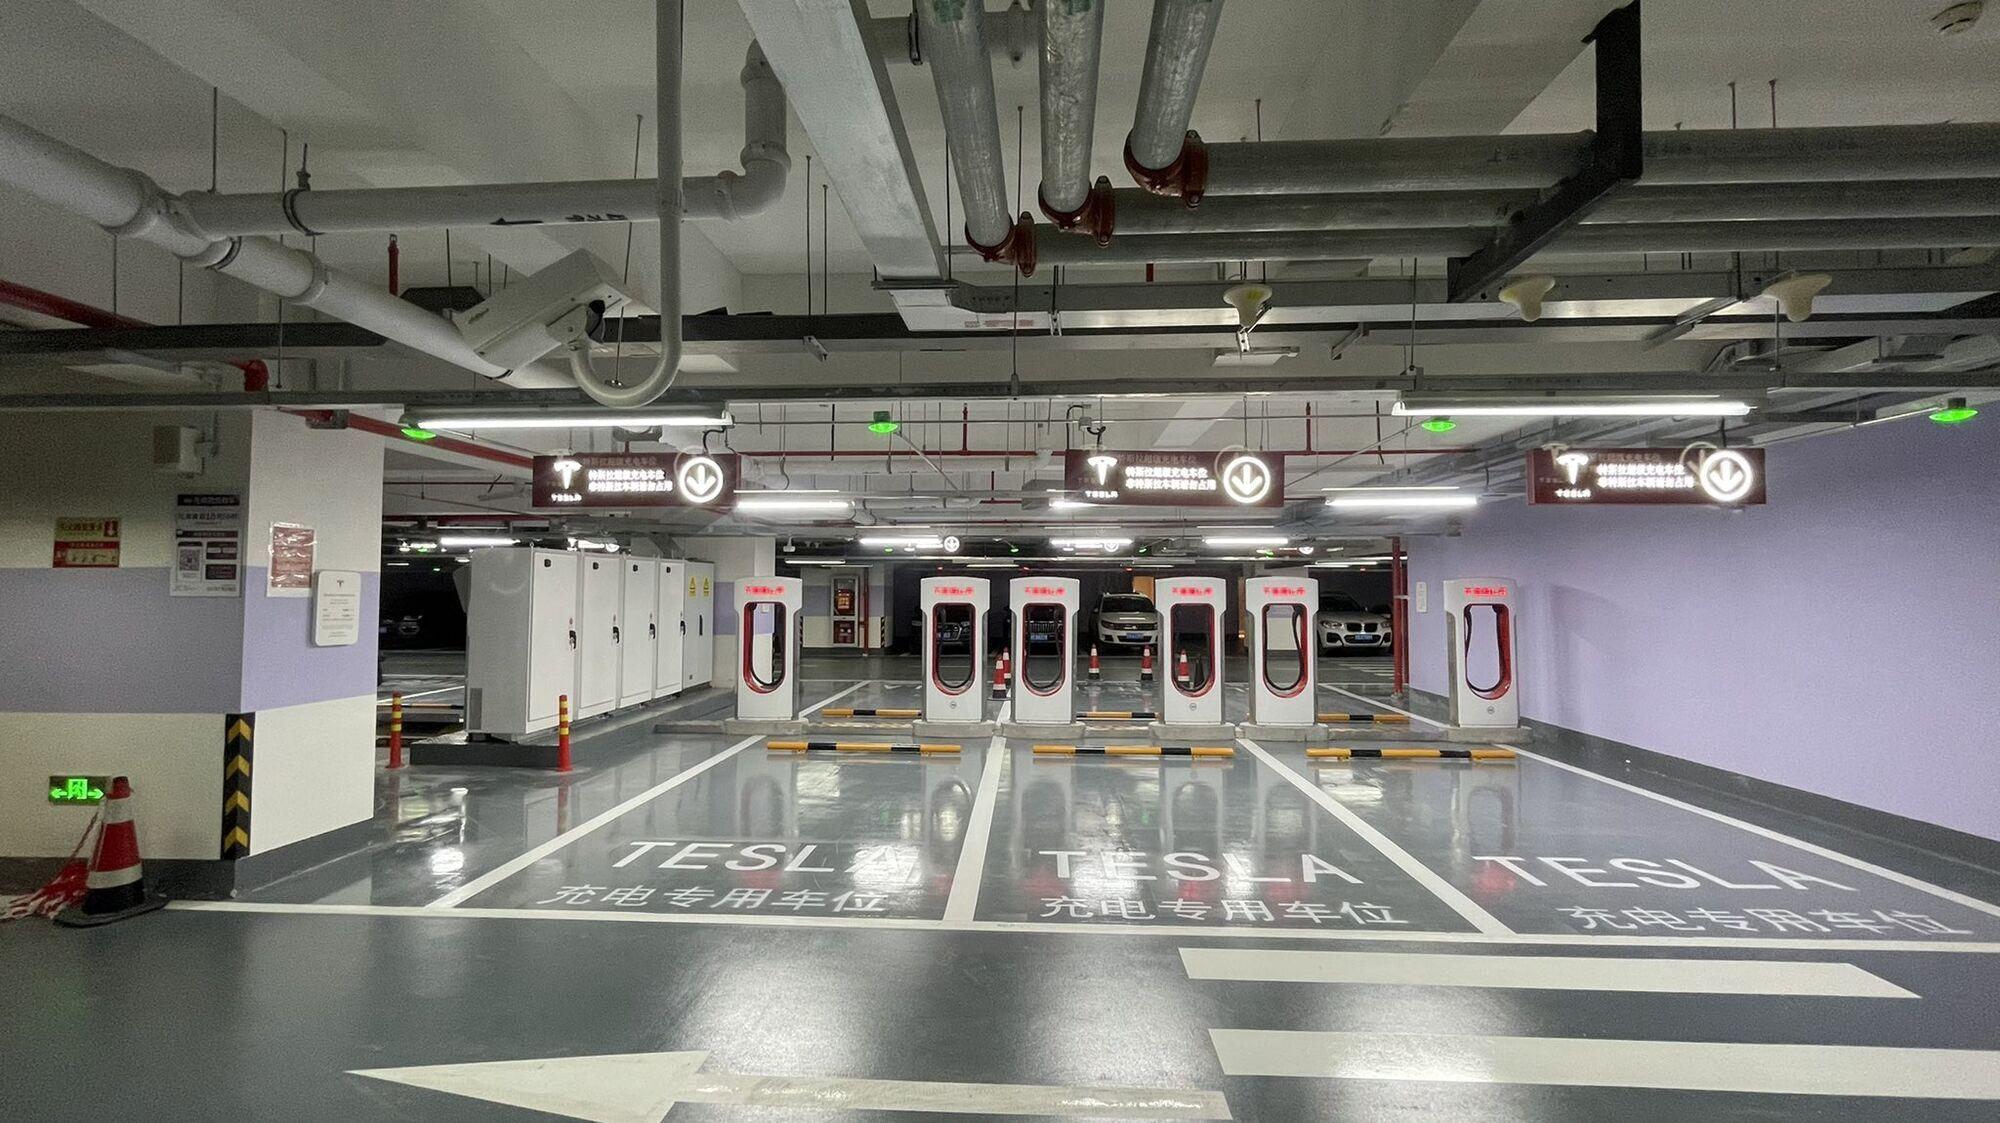 У Шанхаї використовуються термінали Supercharger V2 потужністю до 150 кВт